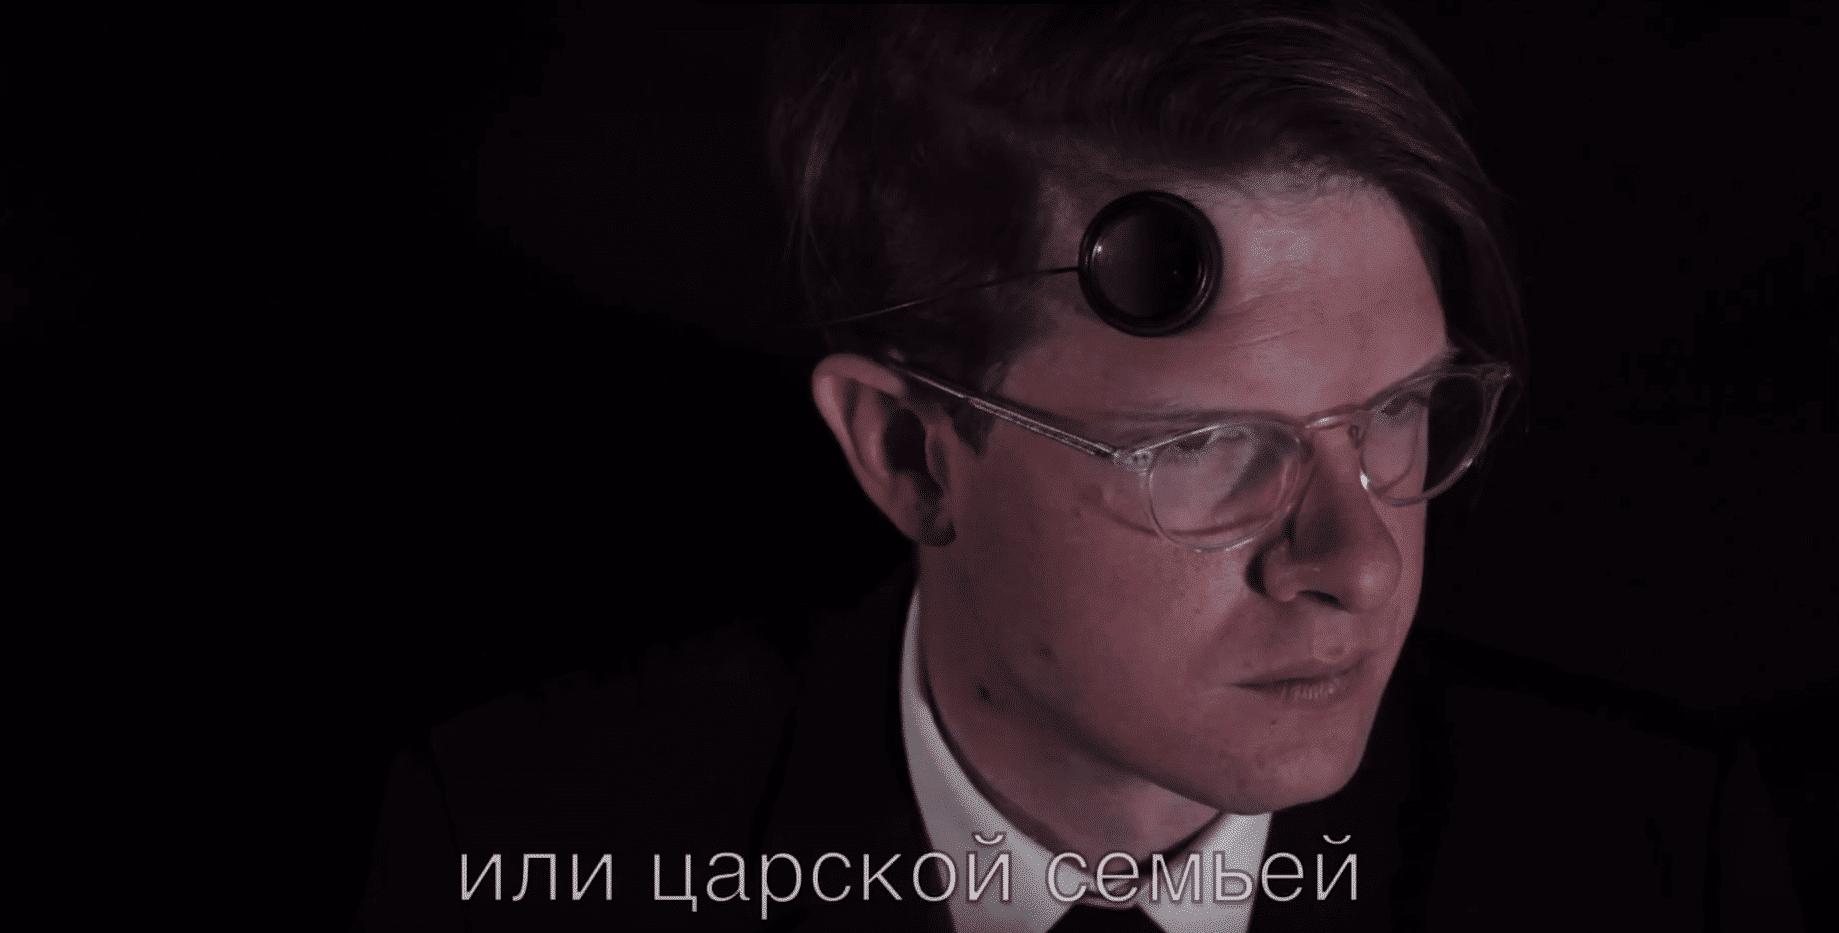 Князь Ростислав Ростиславович Романов записал первое видео